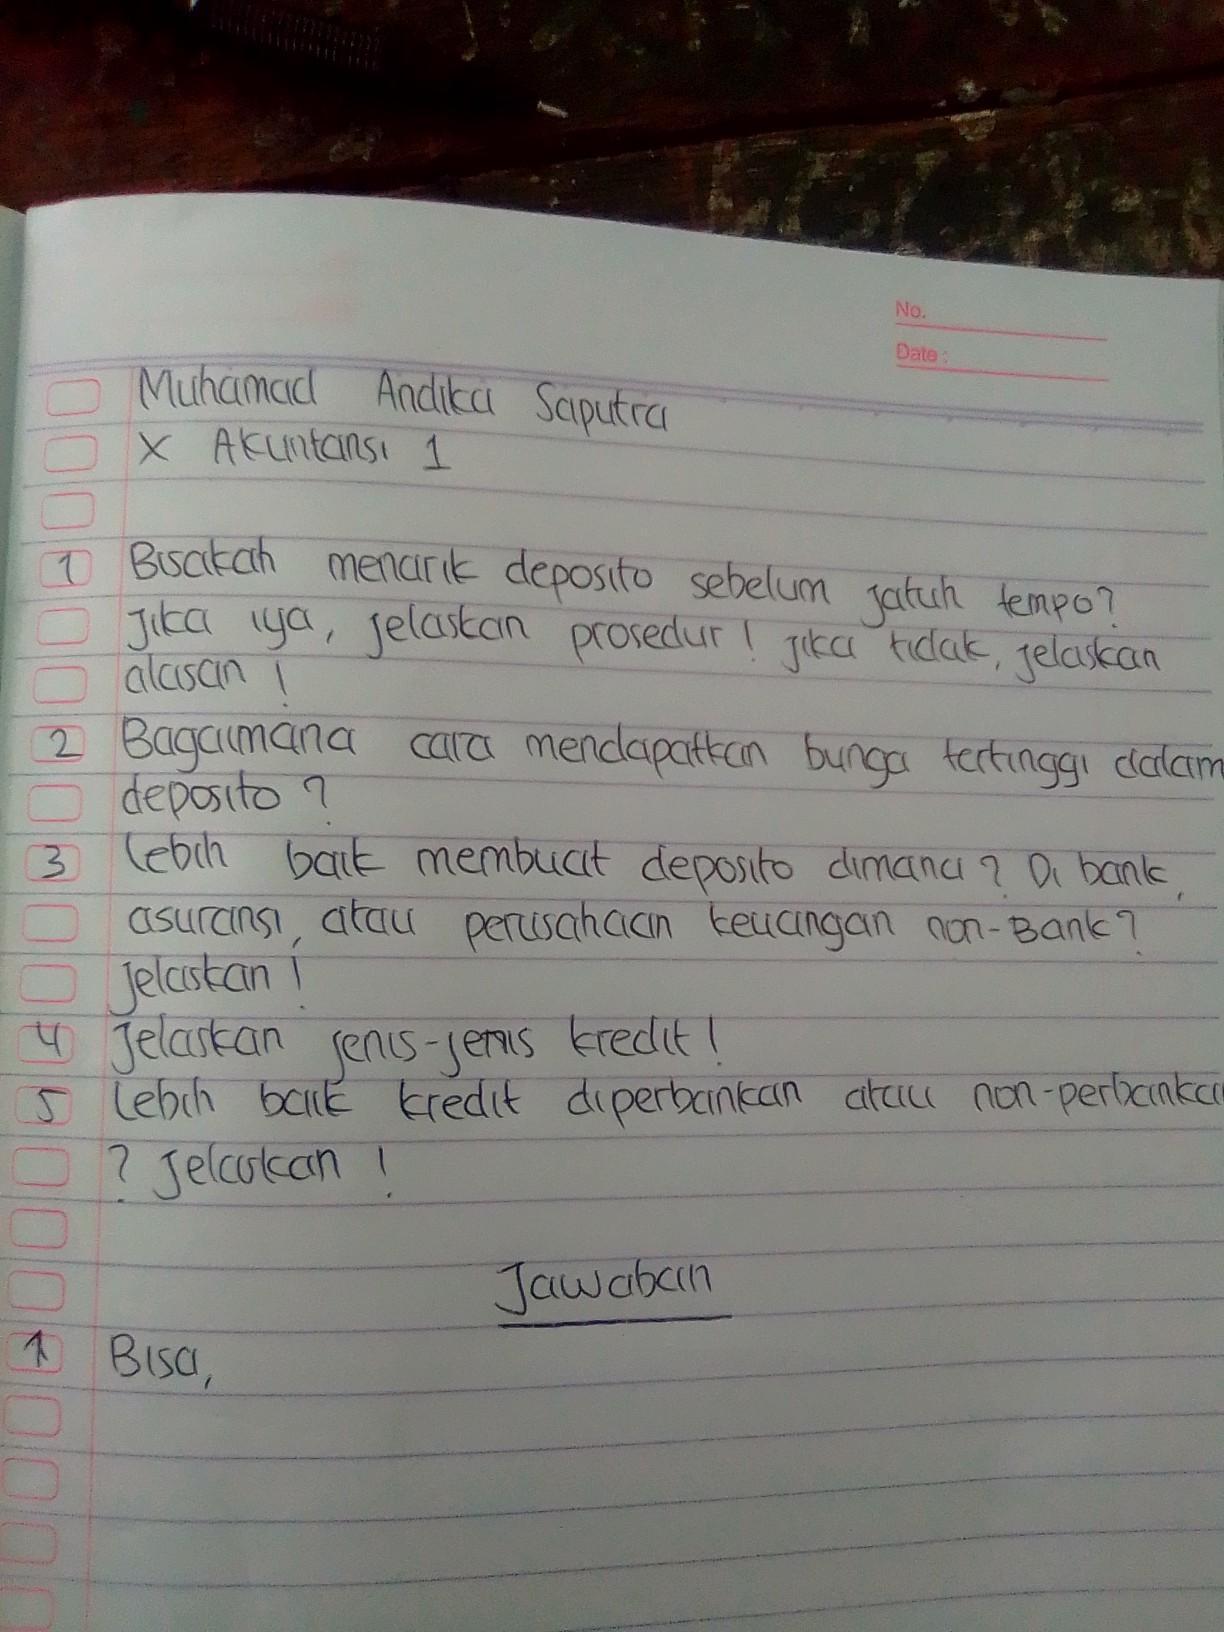 Contoh Soal Dan Jawaban Perhitungan Deposito Berjangka Bali Teacher